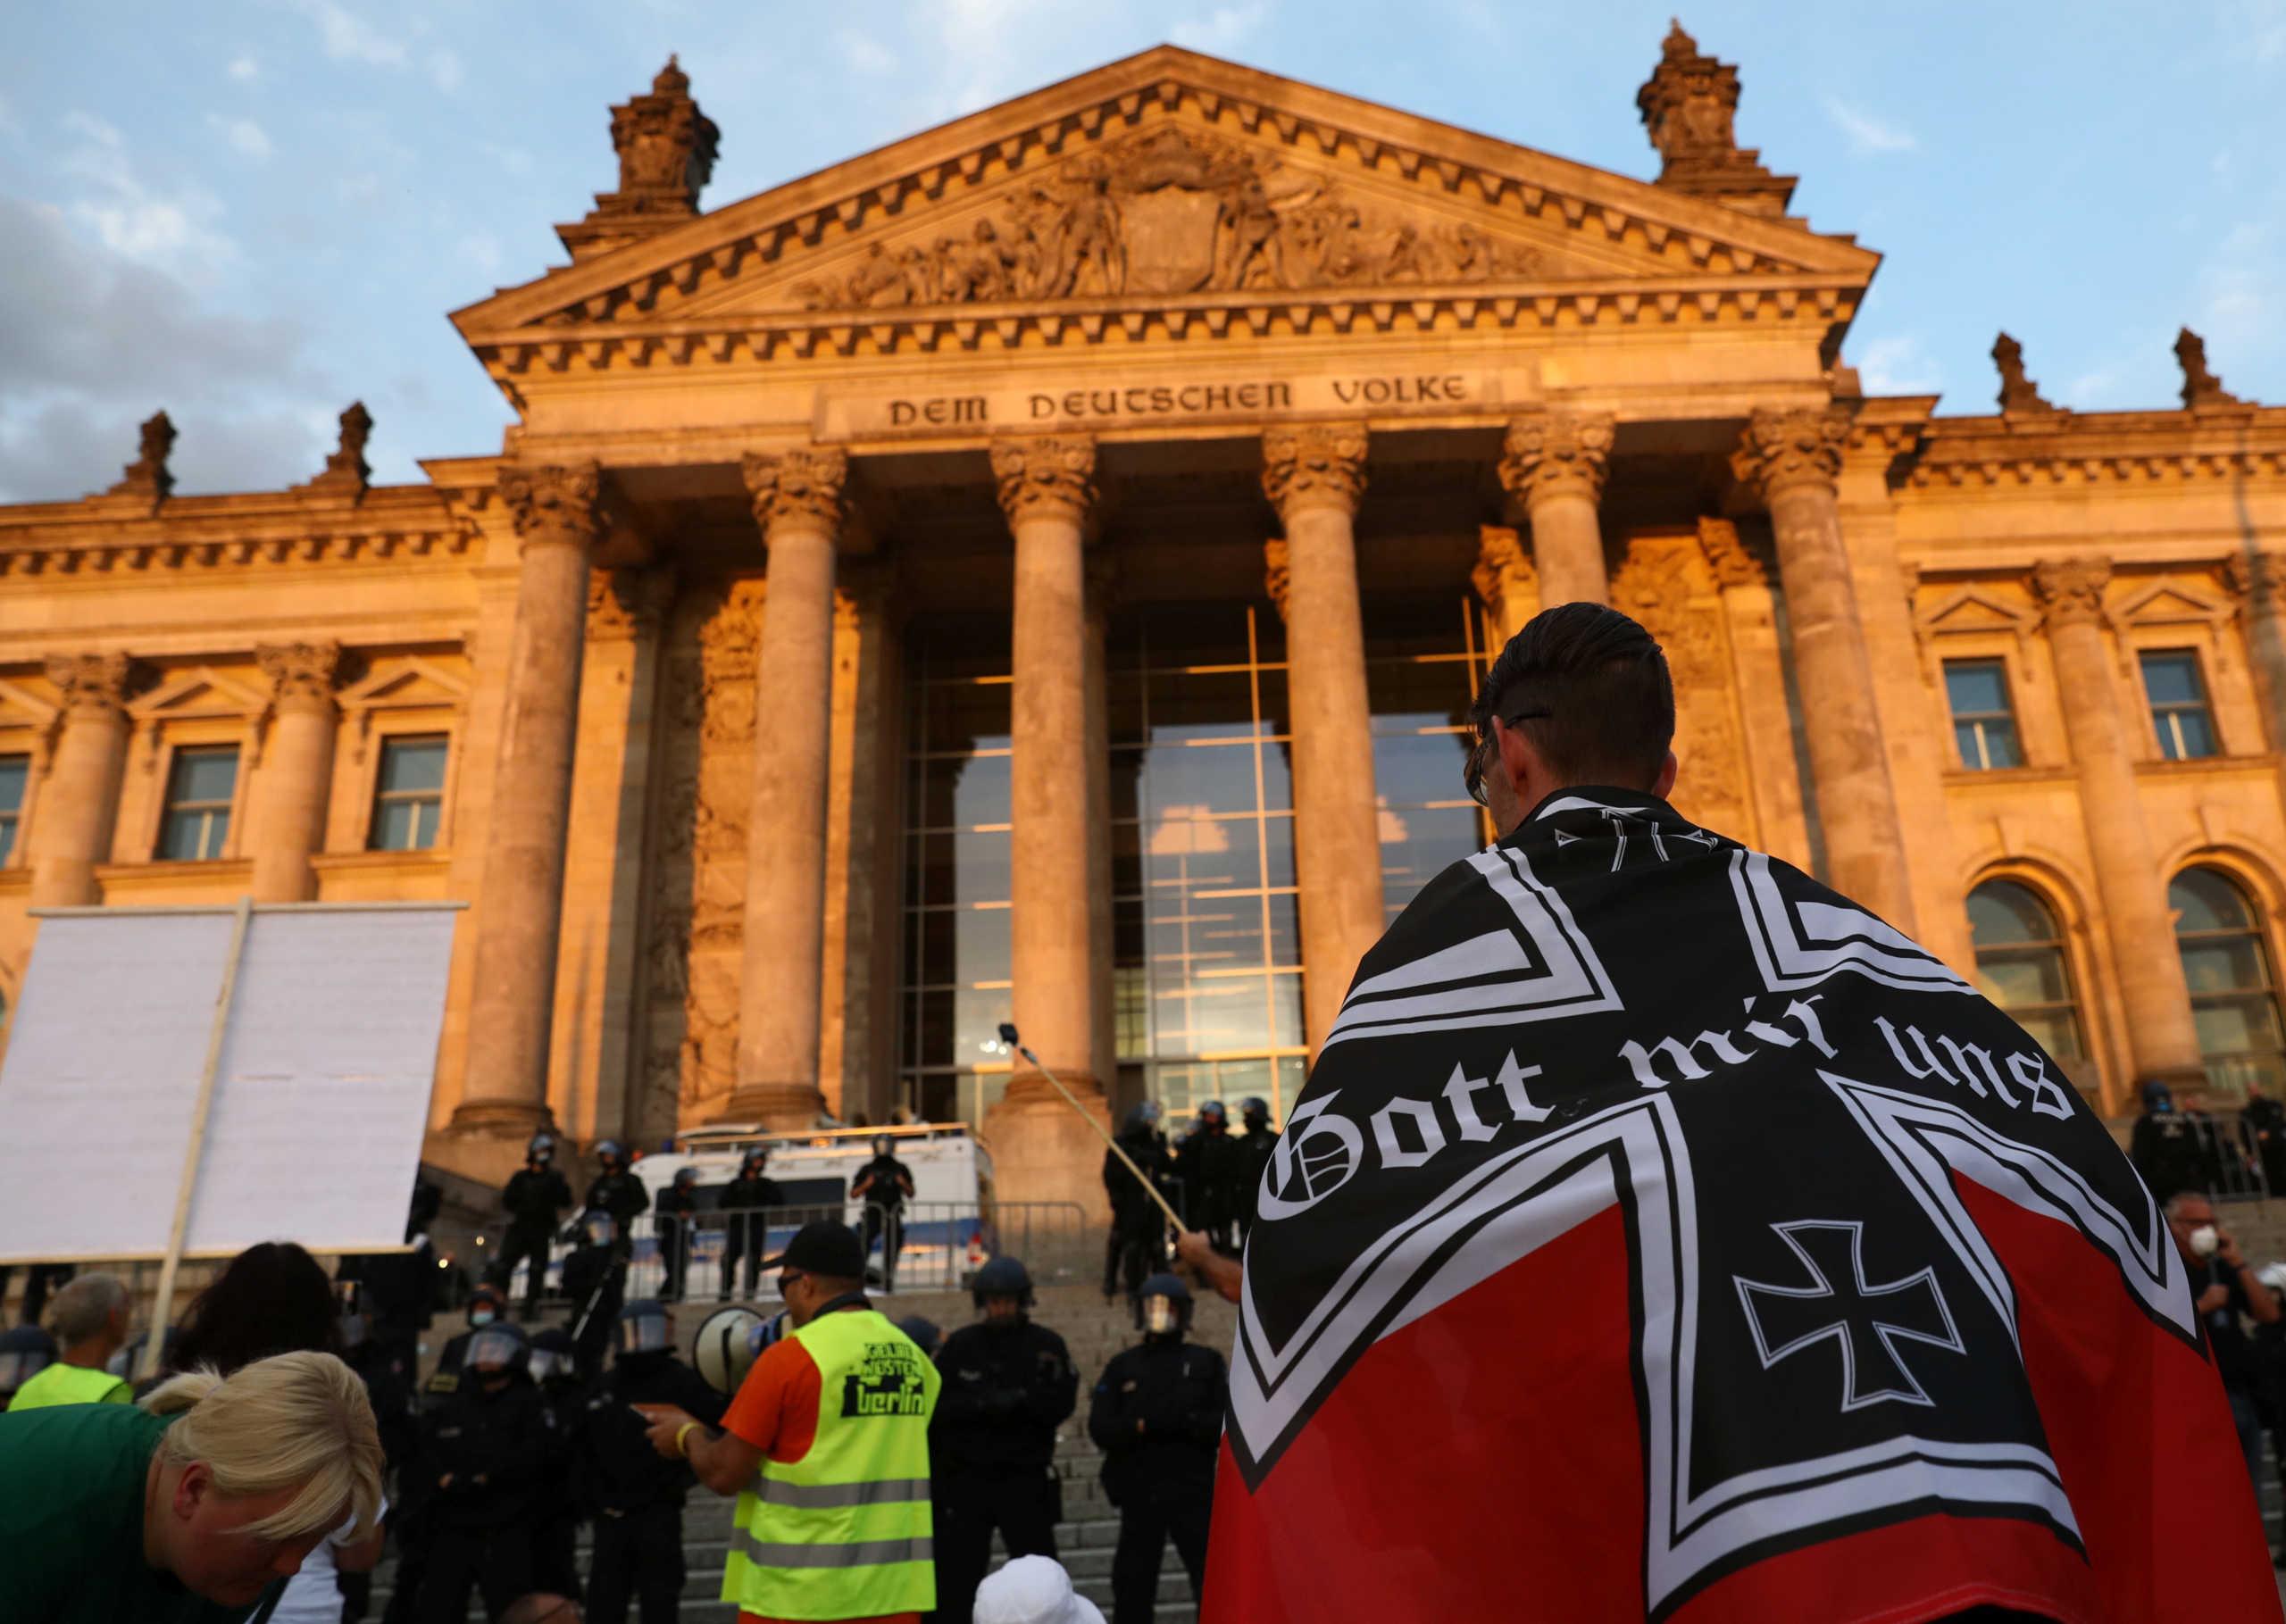 Γερμανία: Οι μυστικές υπηρεσίες παρακολουθούν τους αρνητές της πανδημίας του κορονοϊού